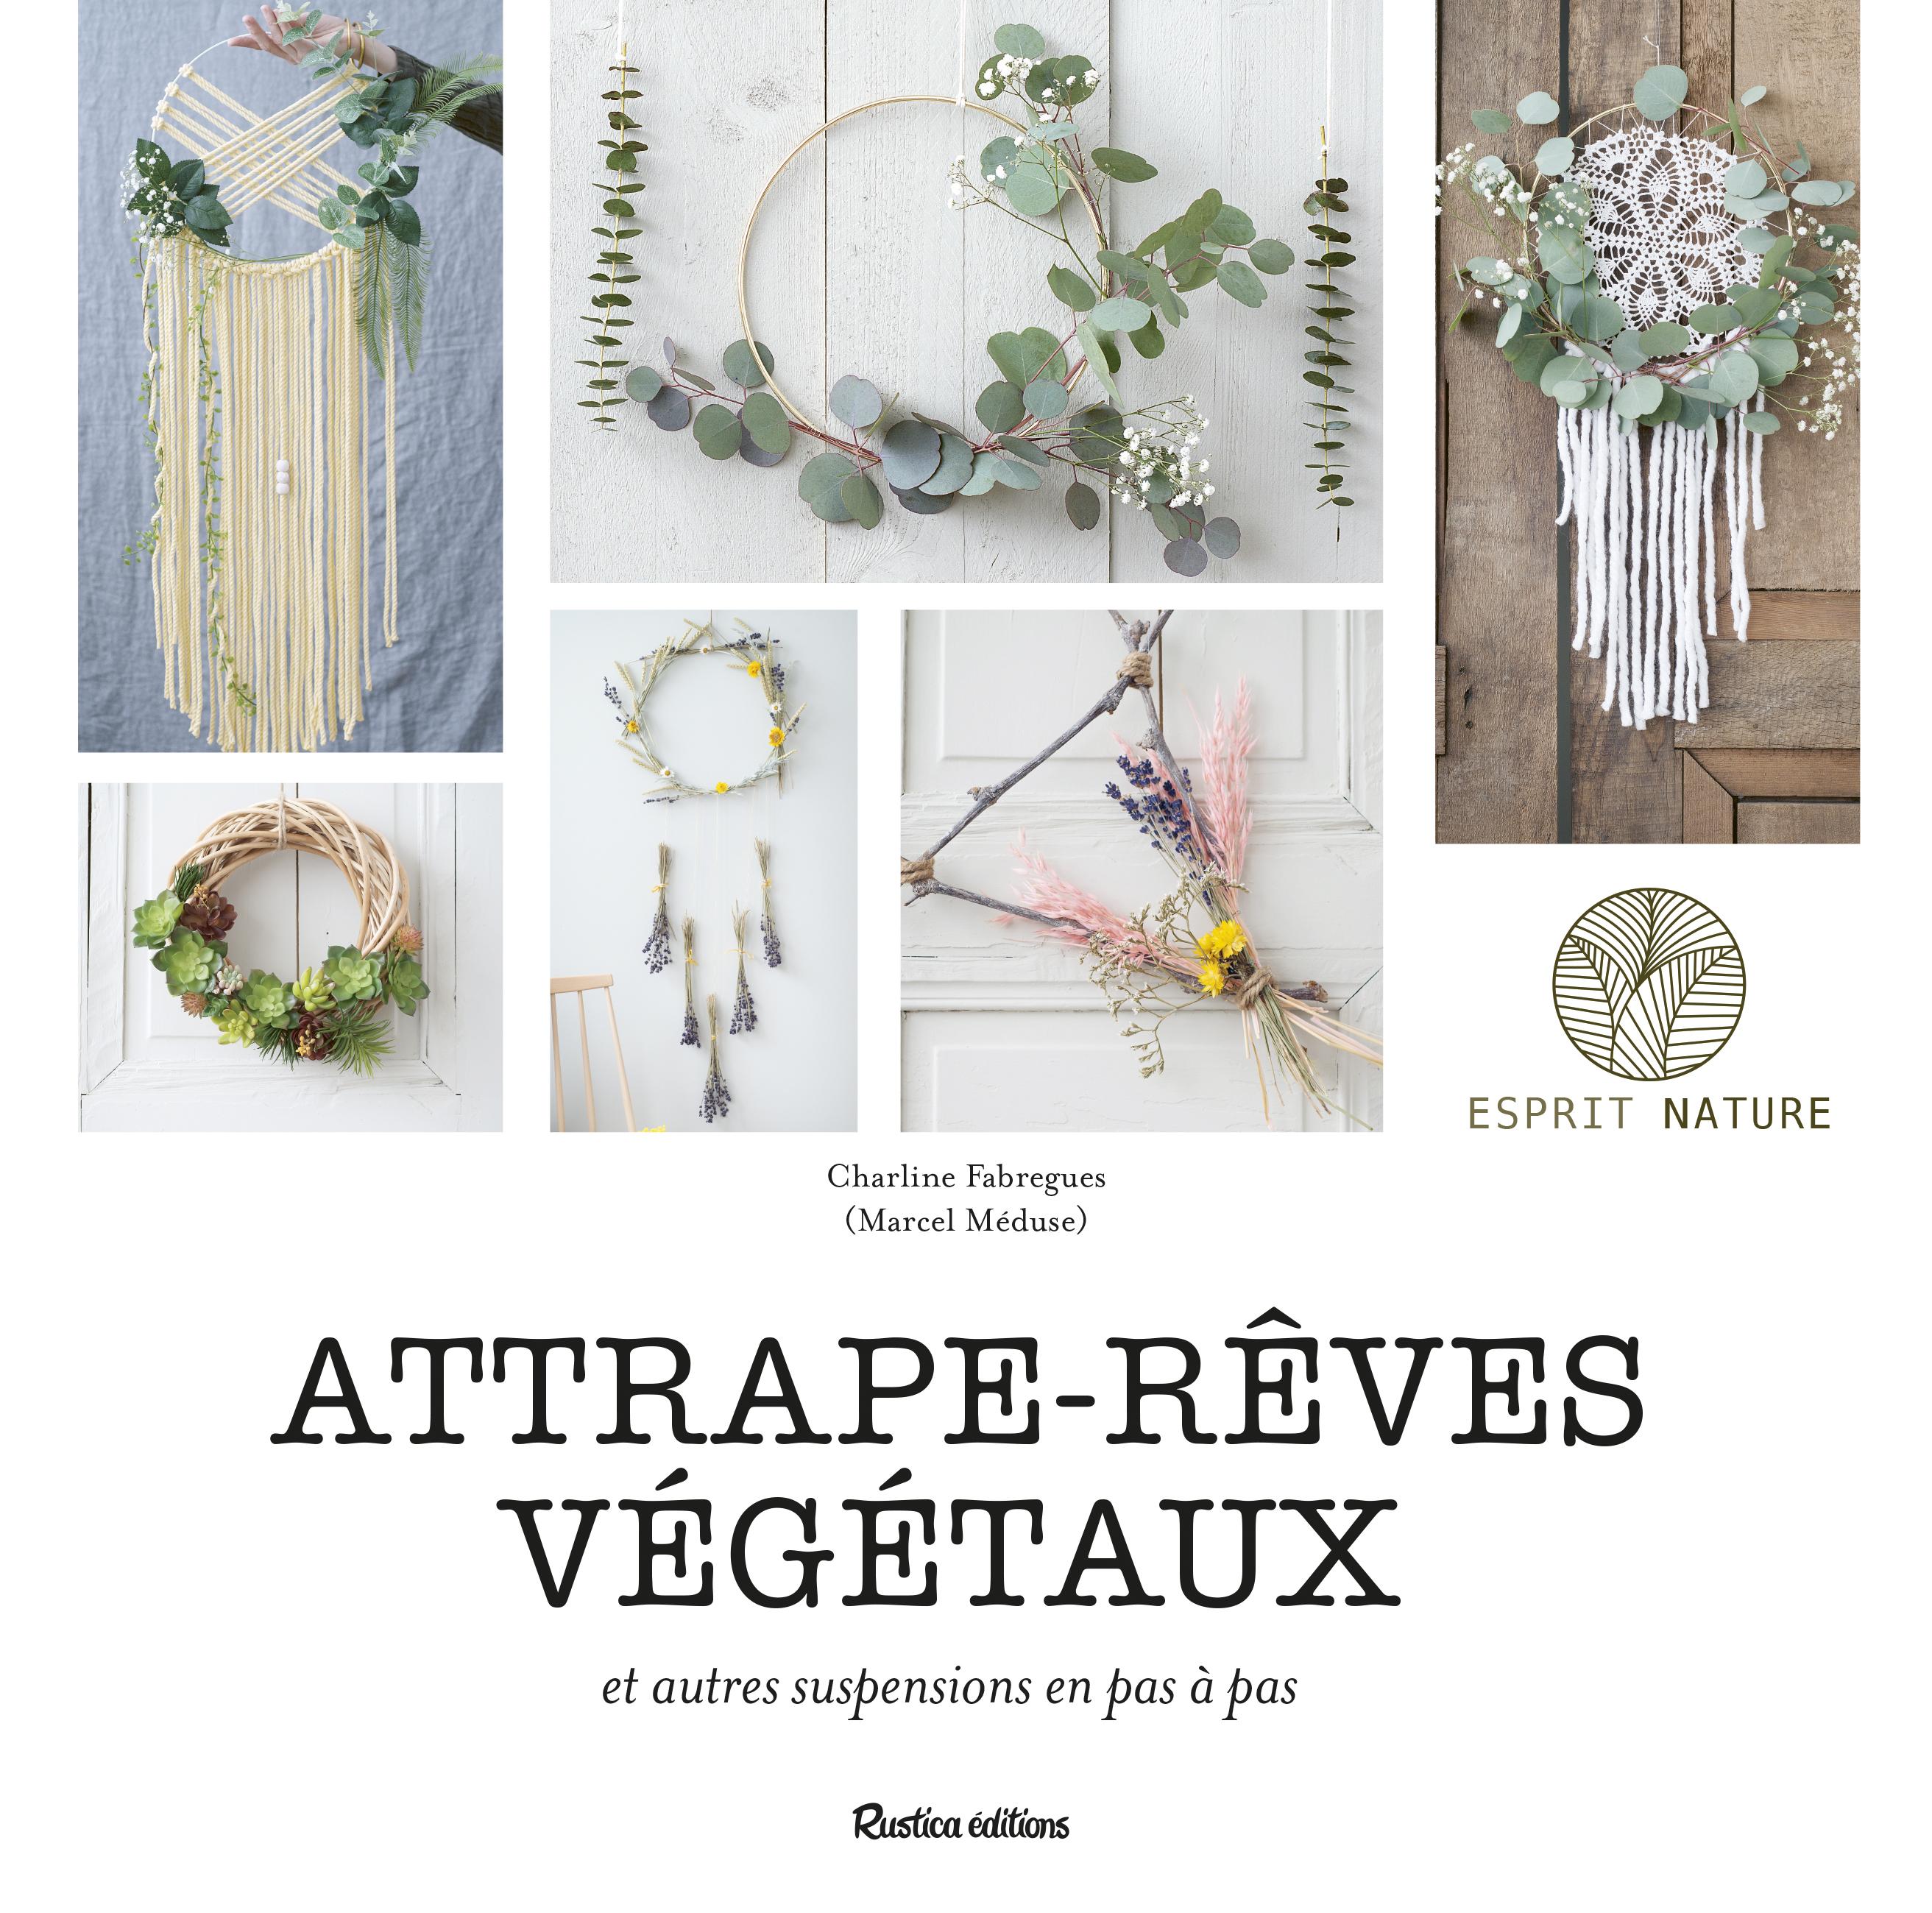 ATTRAPE-REVES VEGETAUX